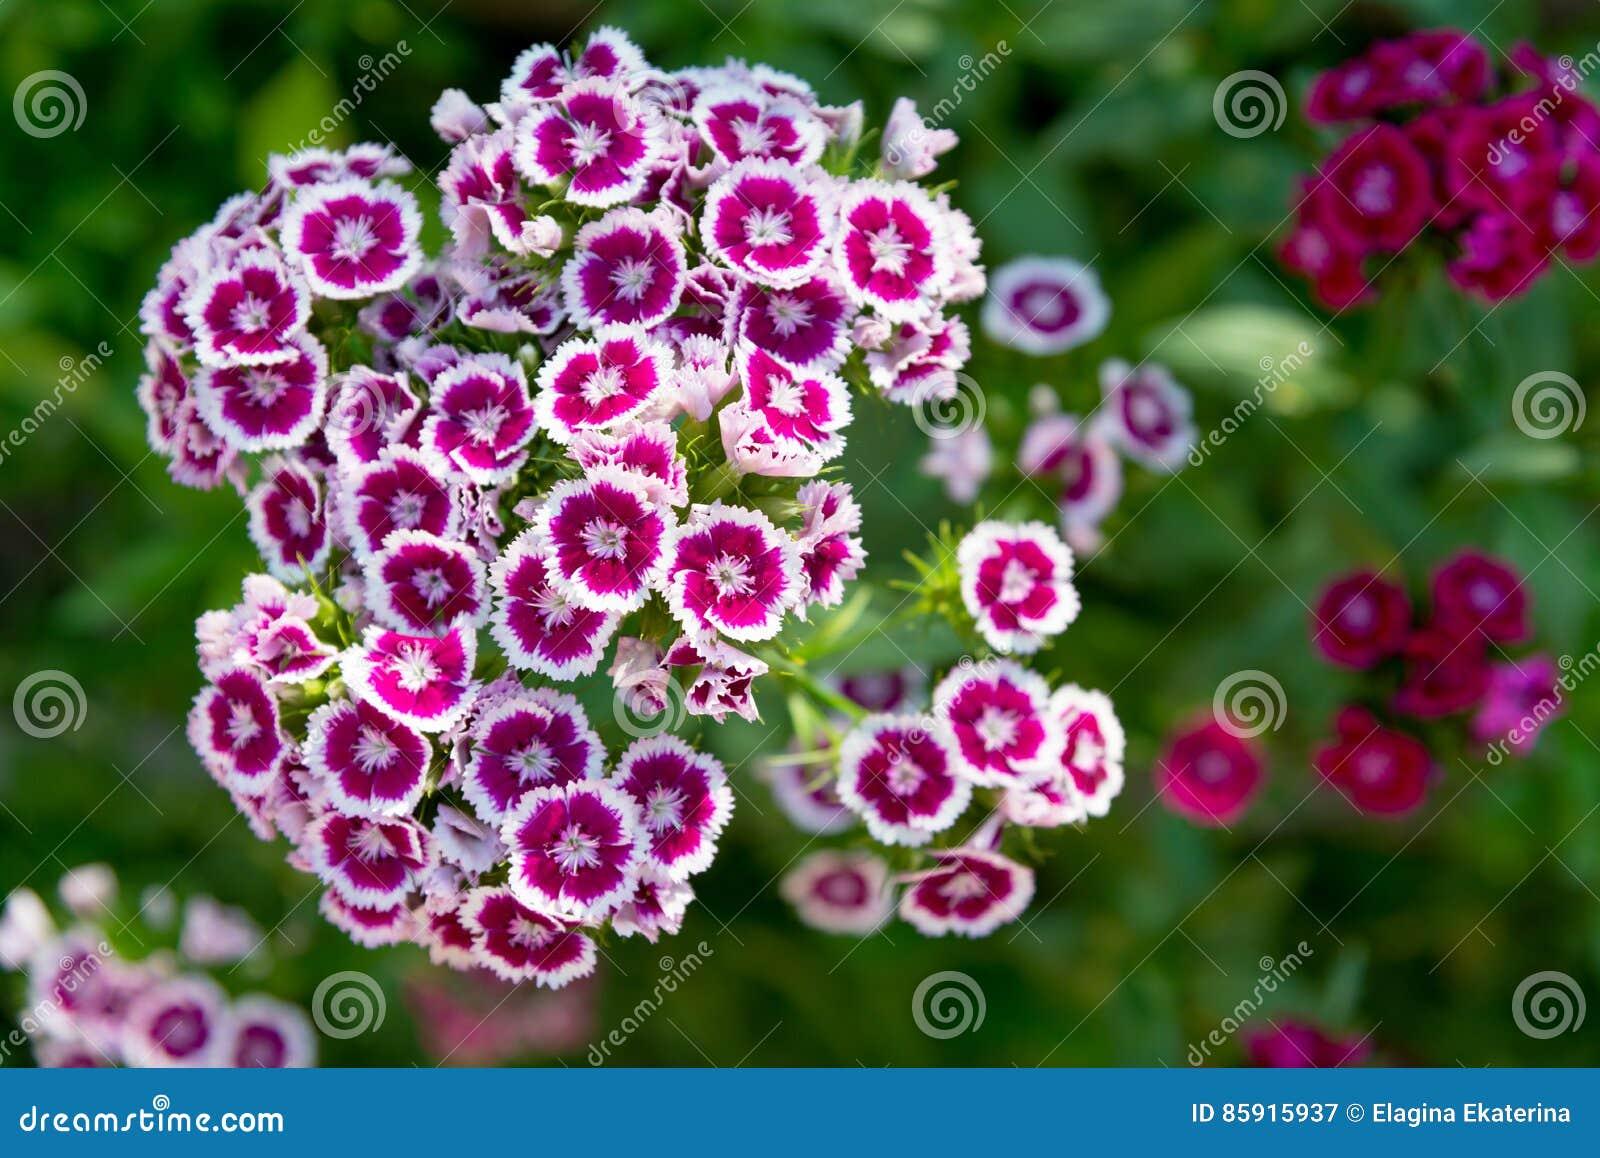 Barbatus floreciente del clavel, flor dulce de Guillermo